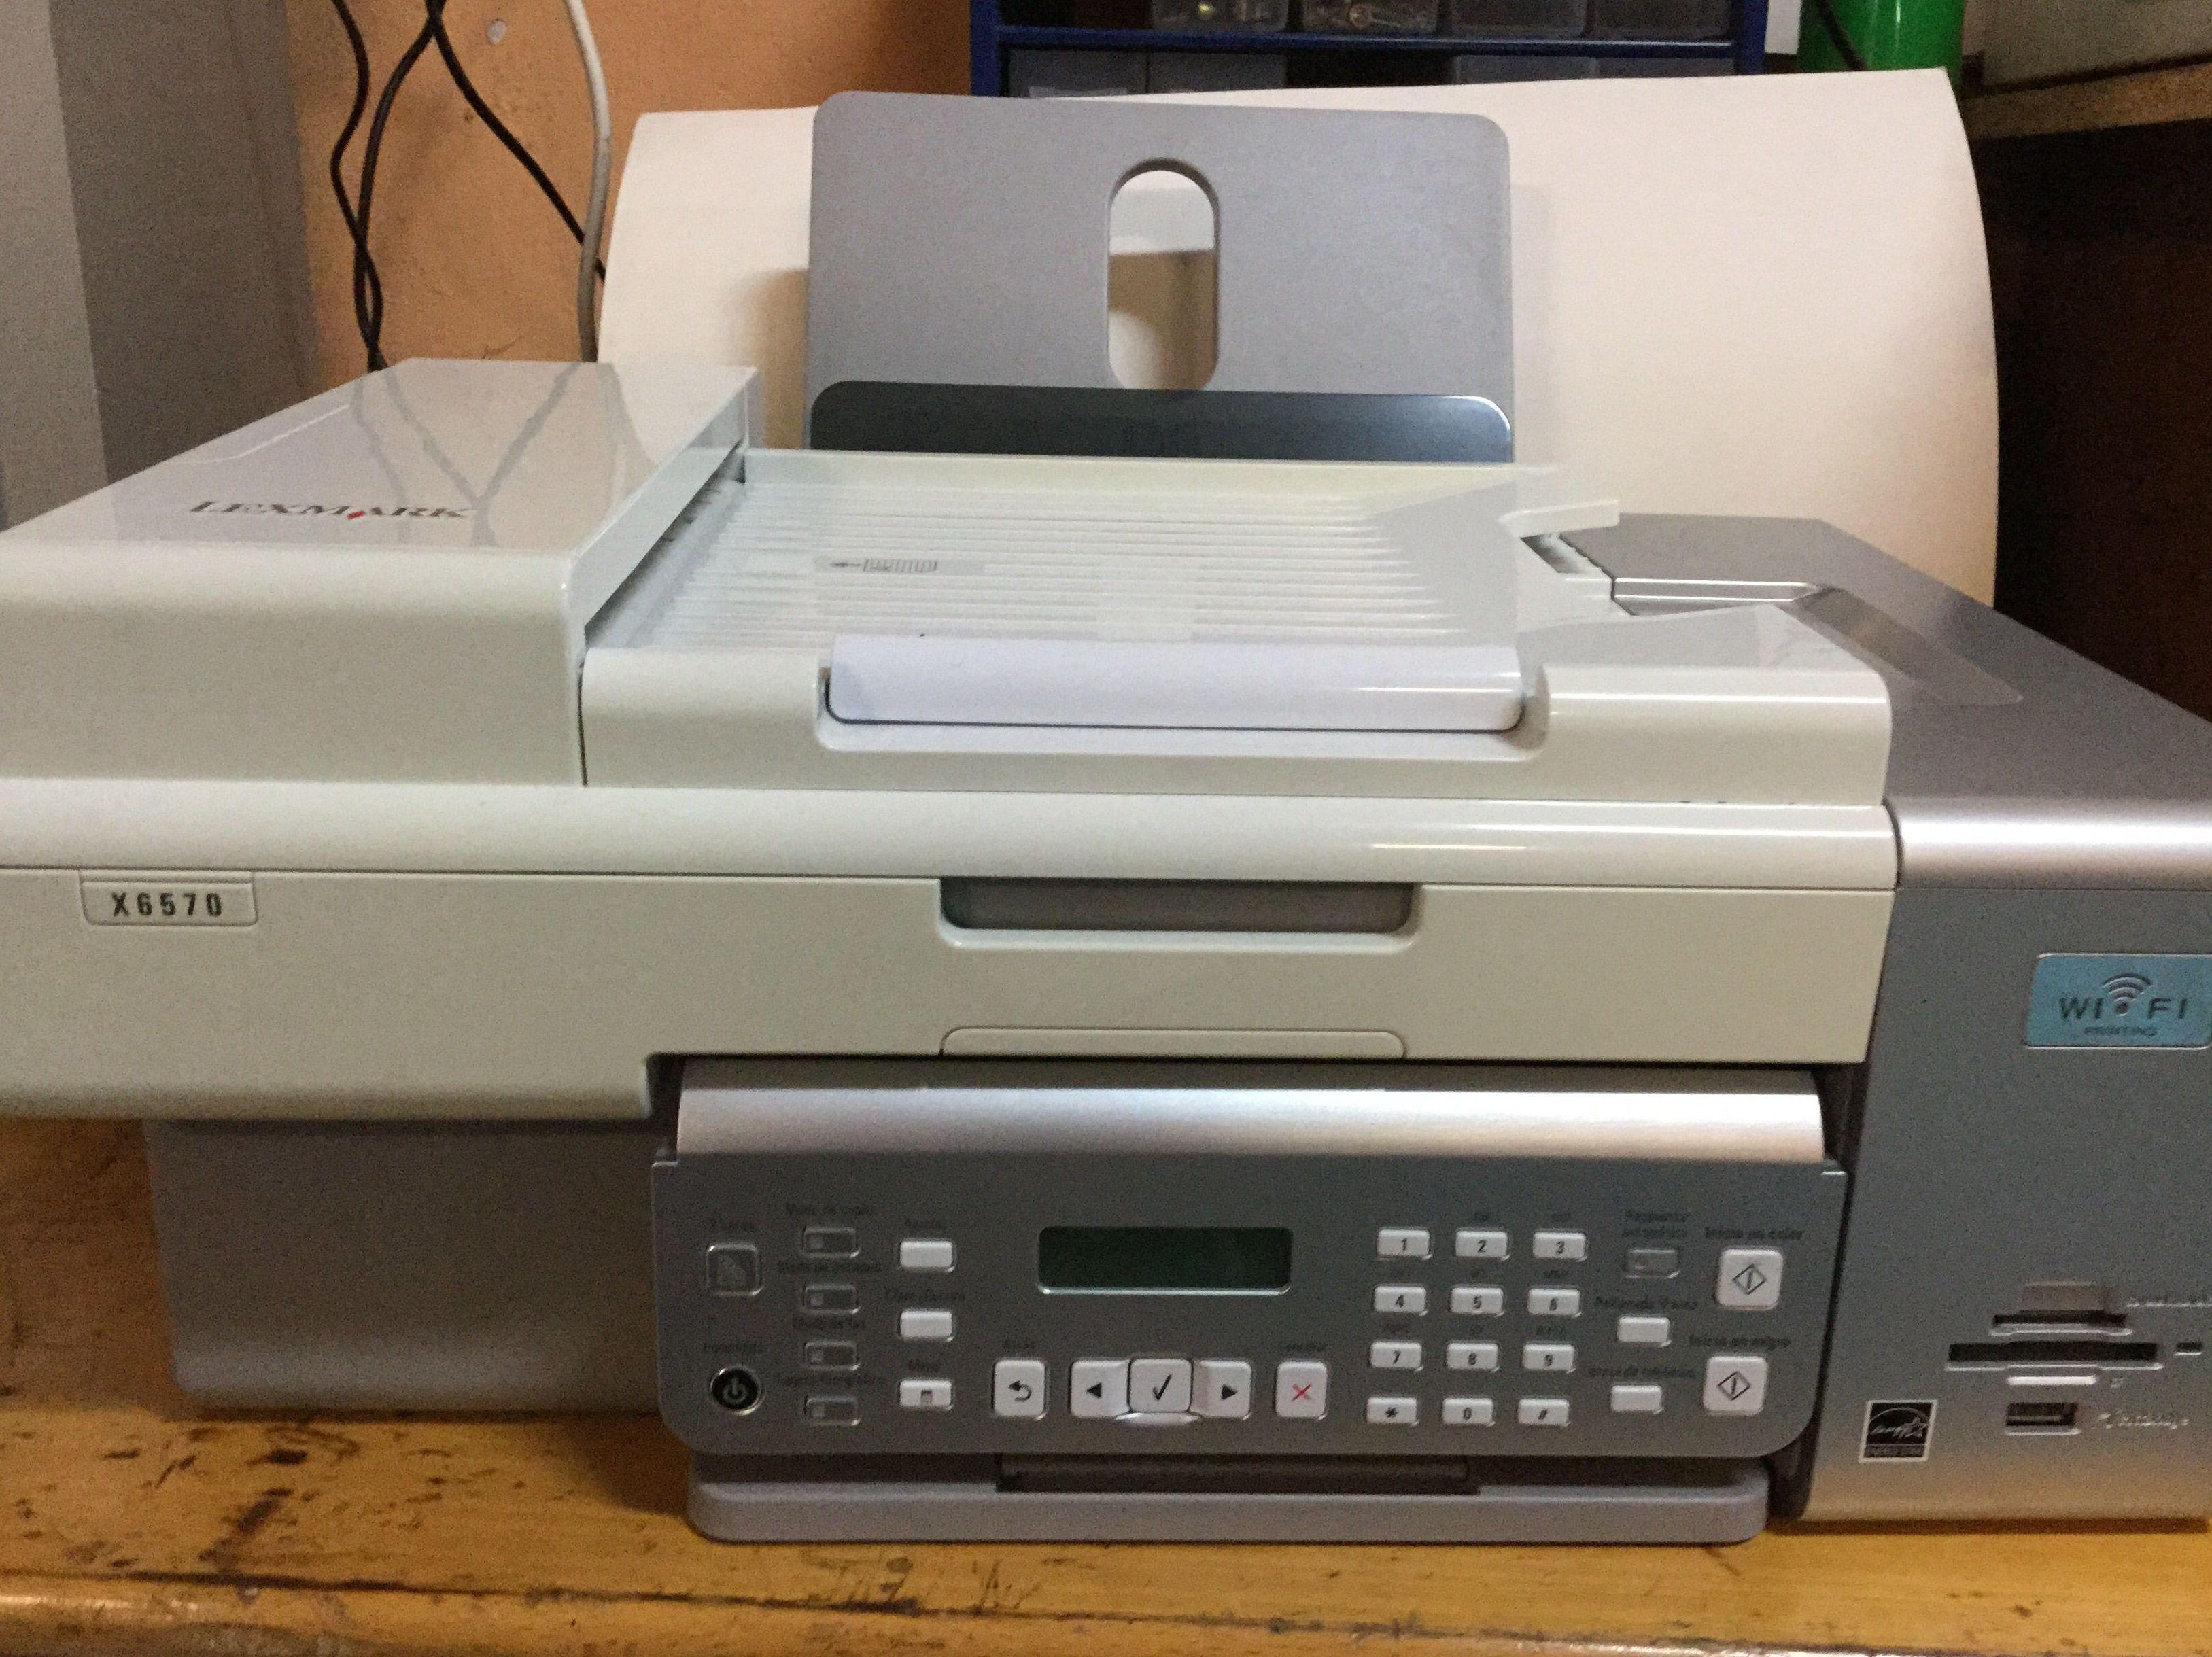 Impresora Lexmark : Catálogo de Rastro Remar